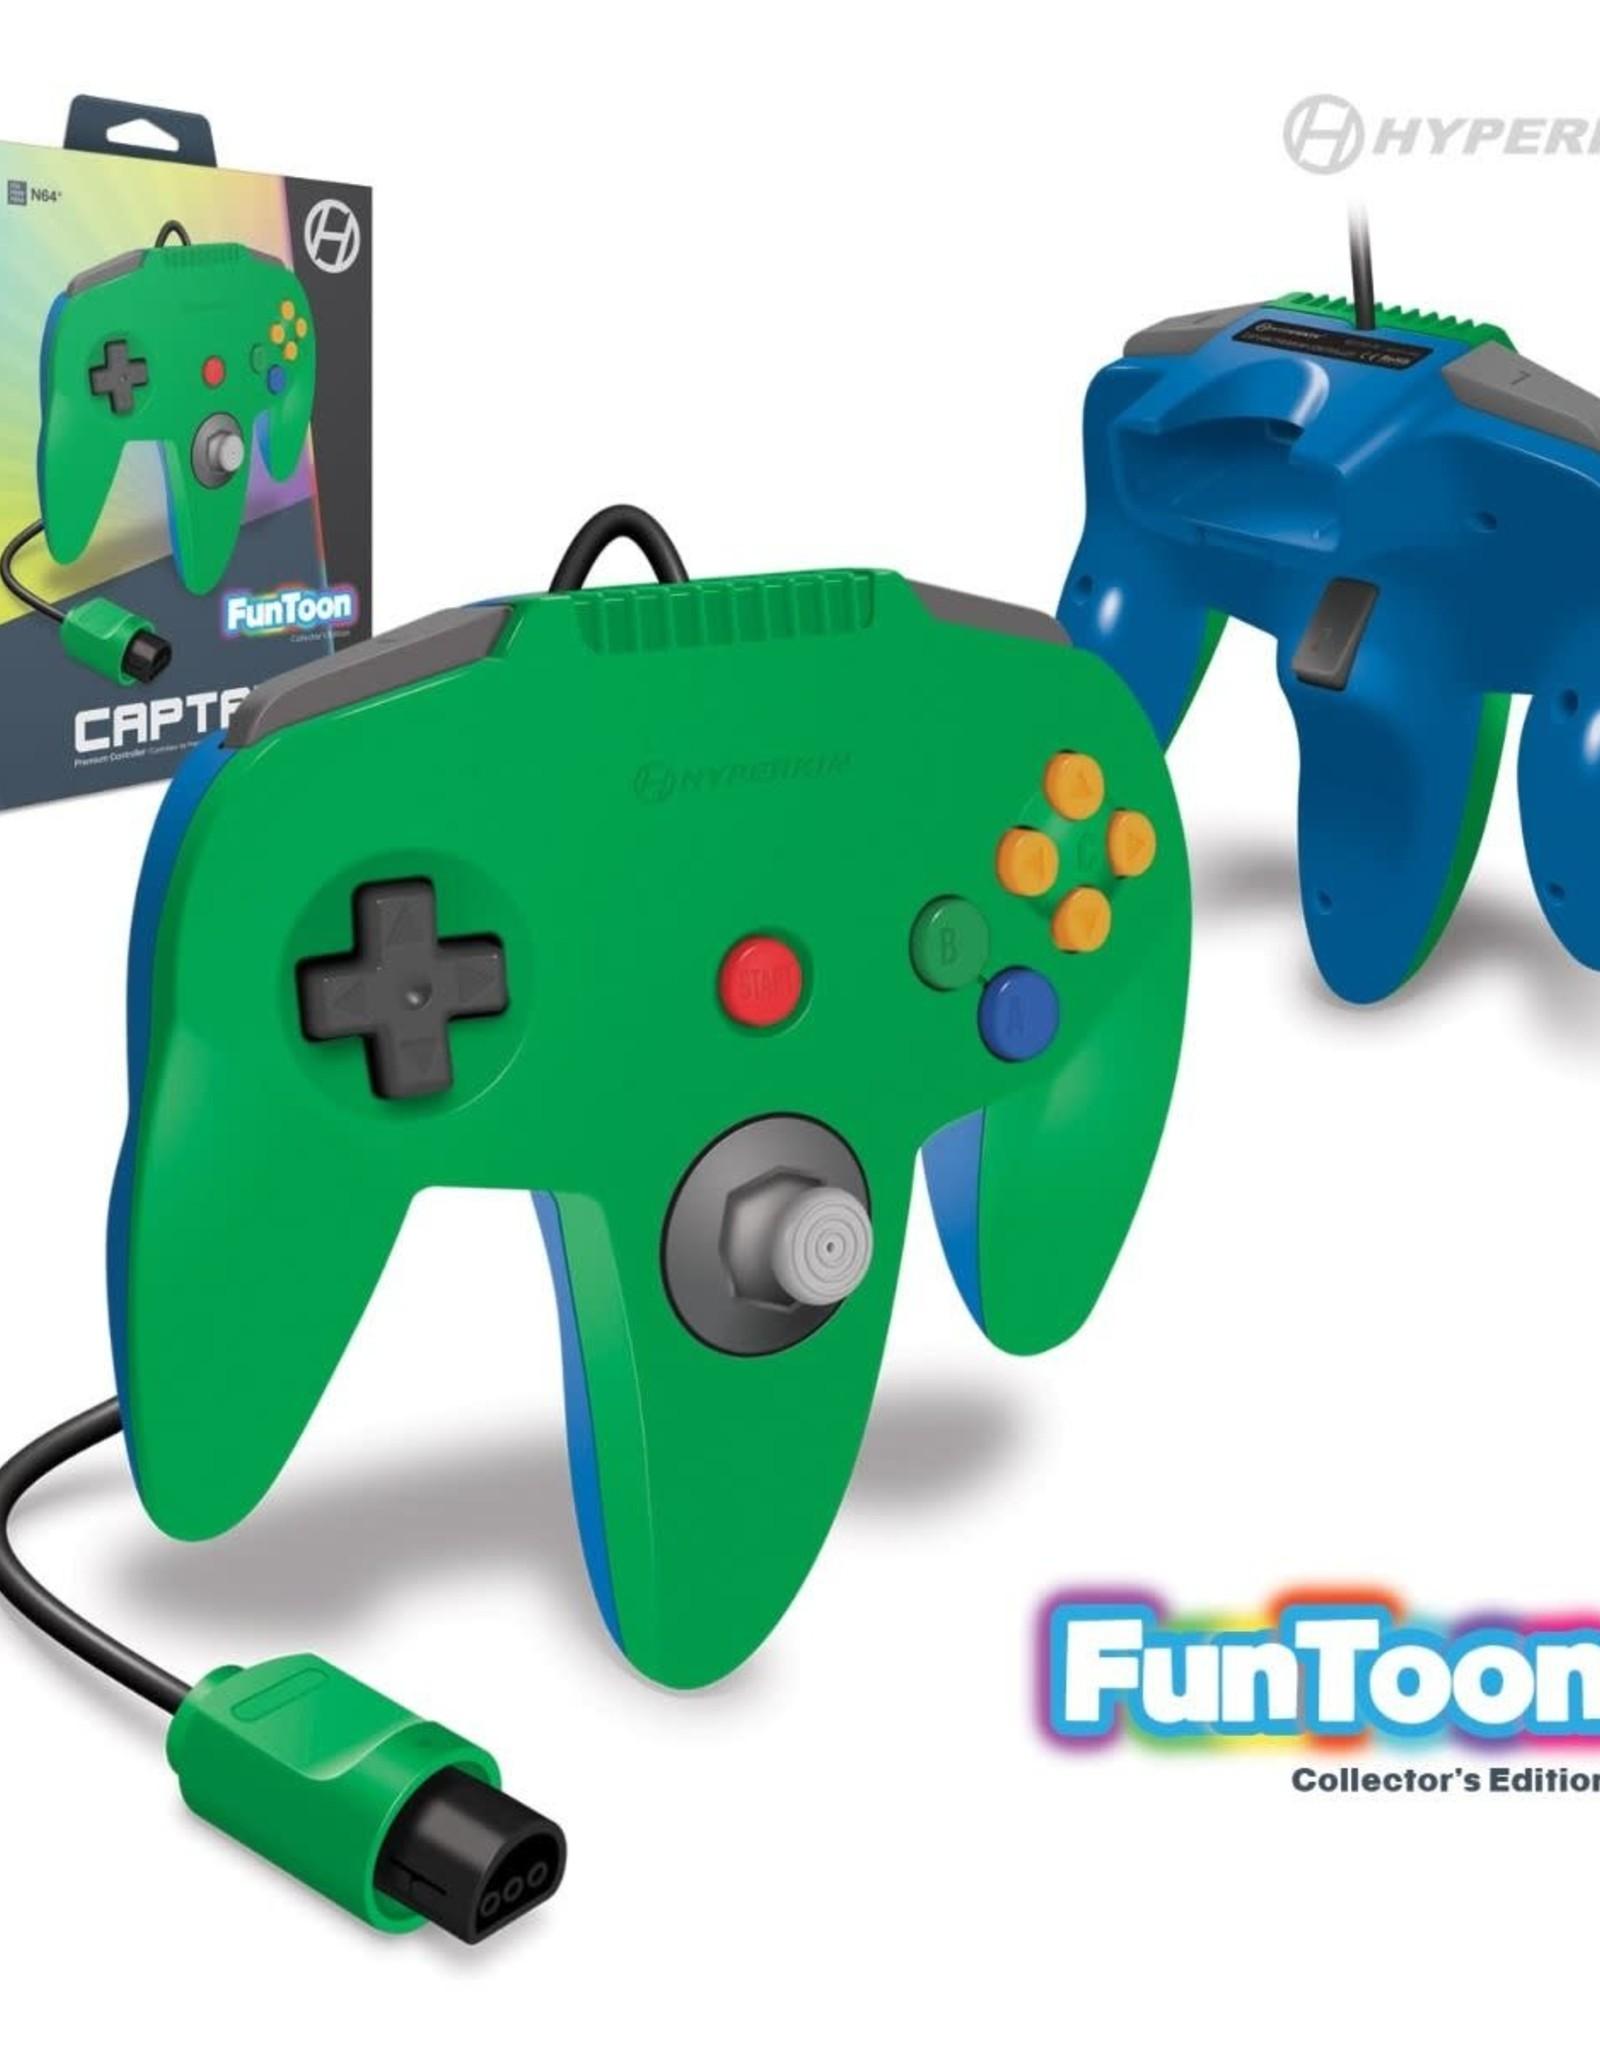 """Hyperkin """"Captain"""" Premium Controller For N64 Funtoon Collector's Edition (Hero Green)"""